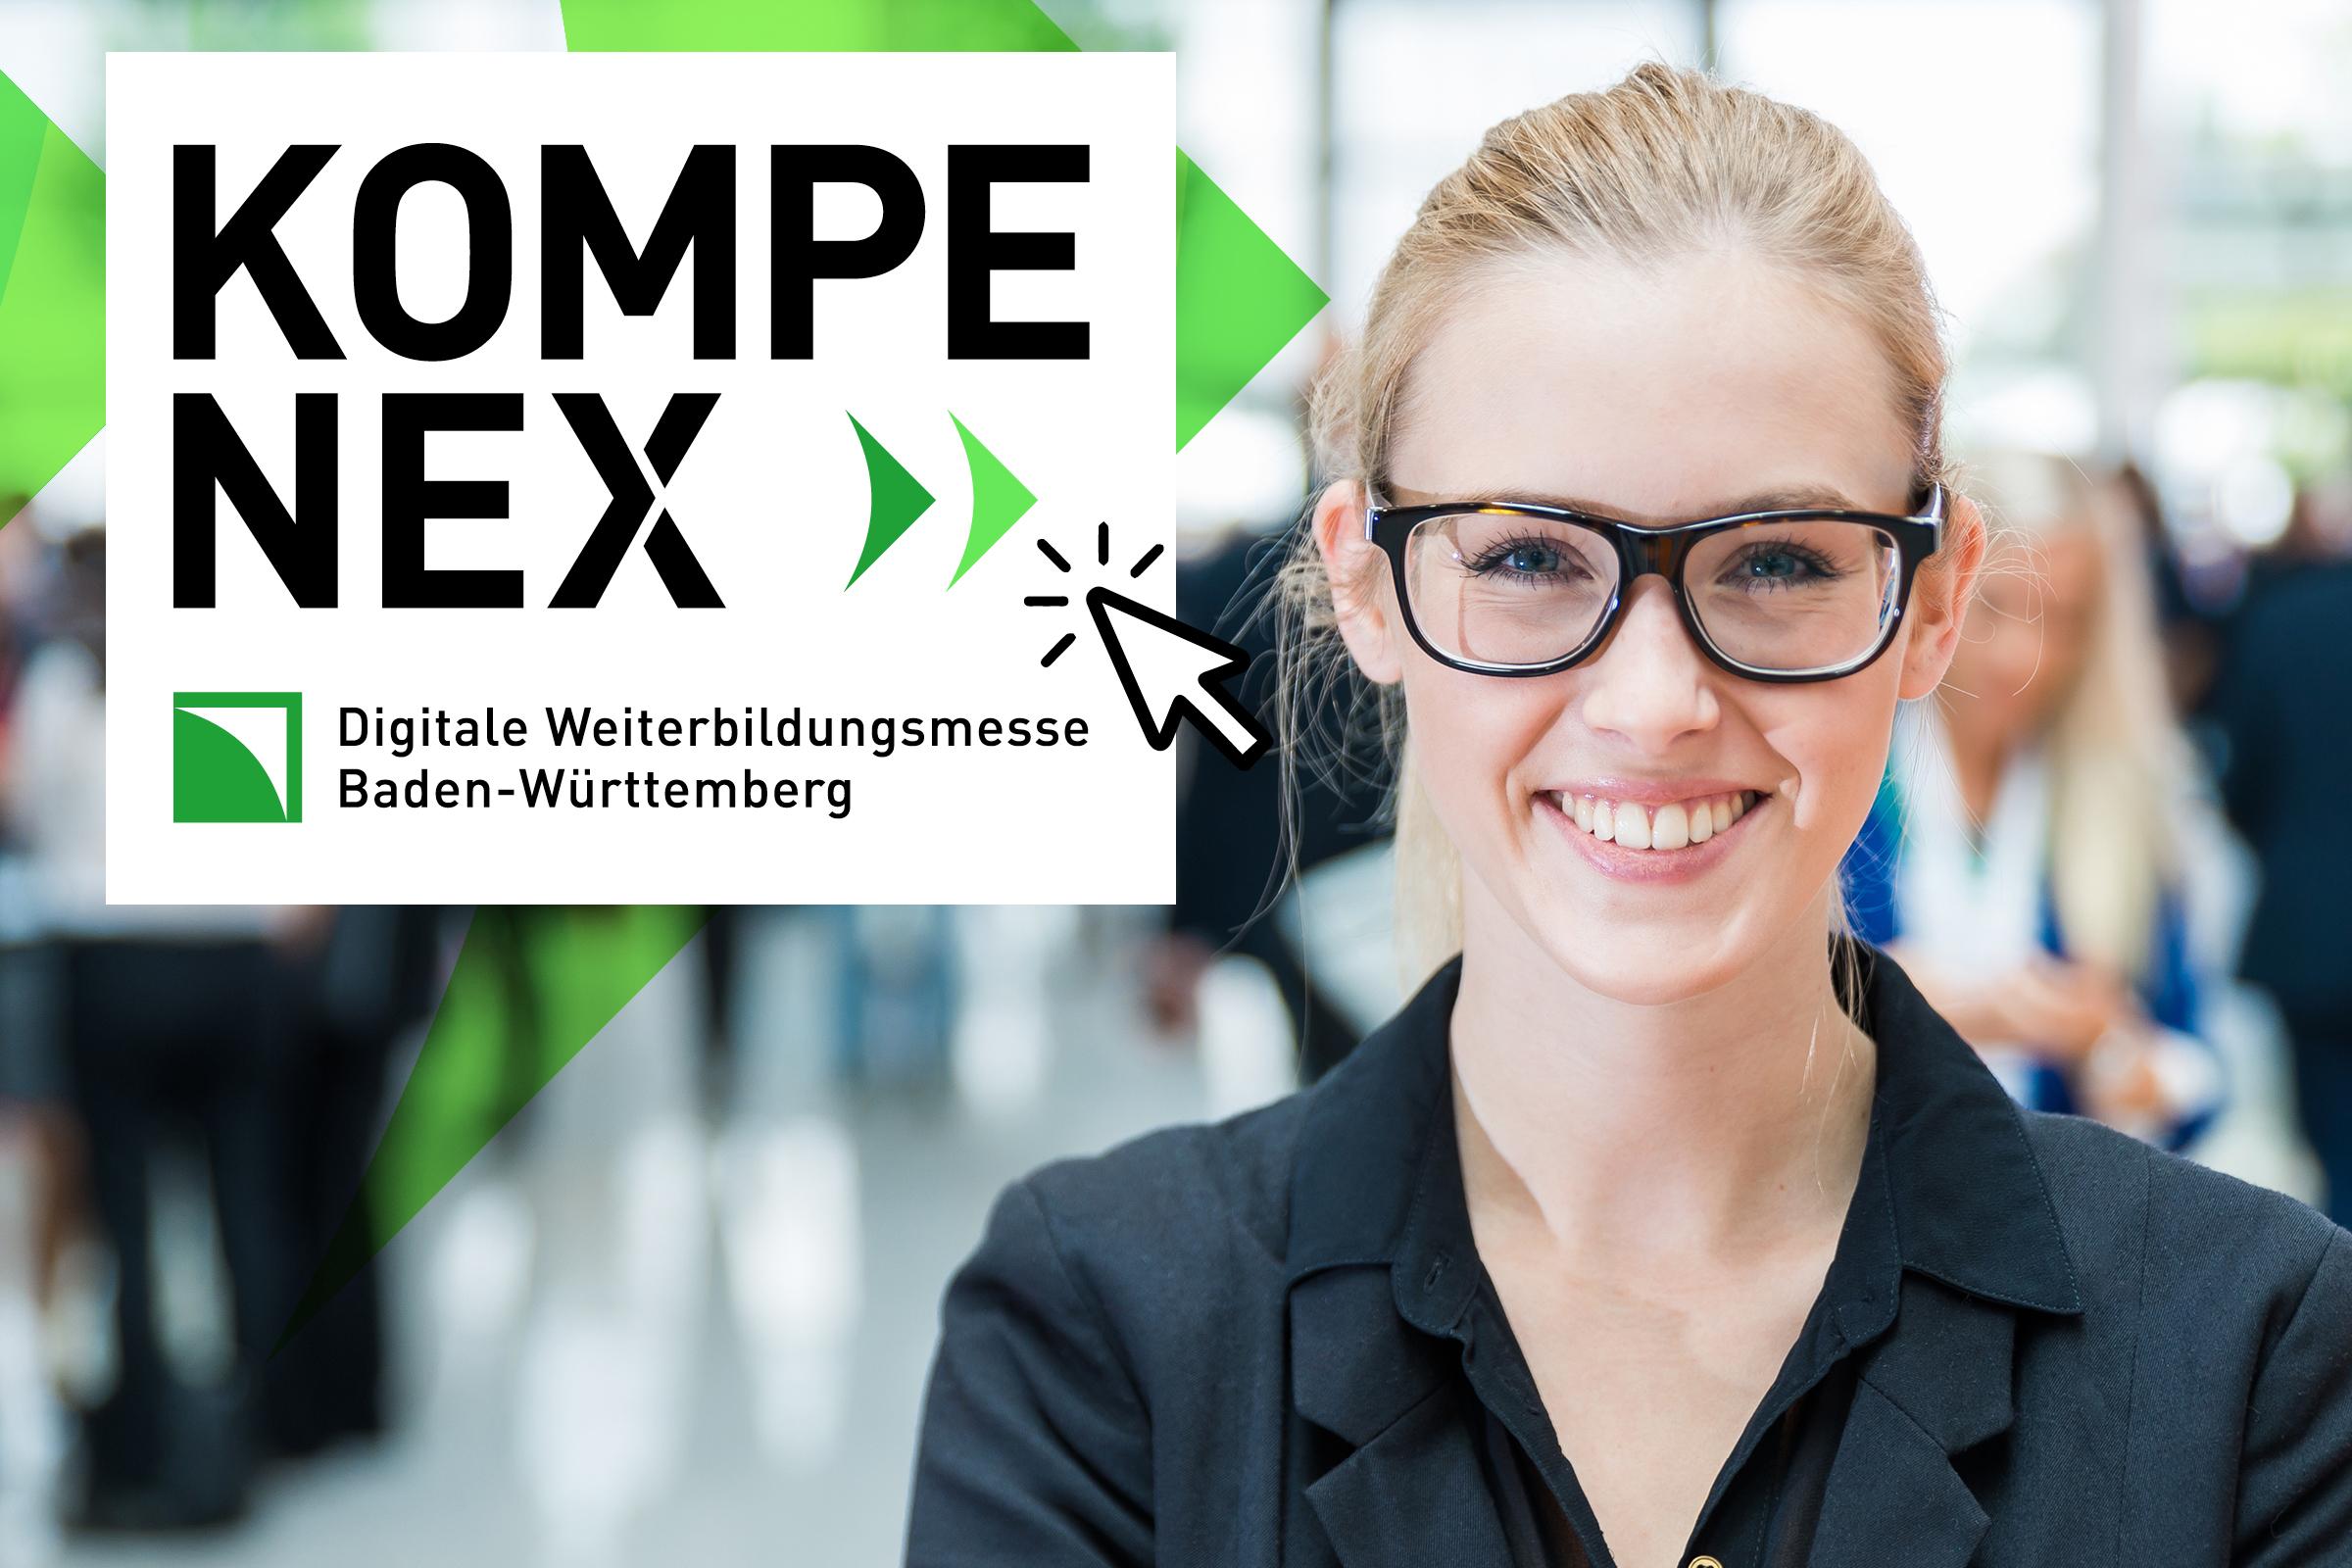 Kompenex_Visuals2